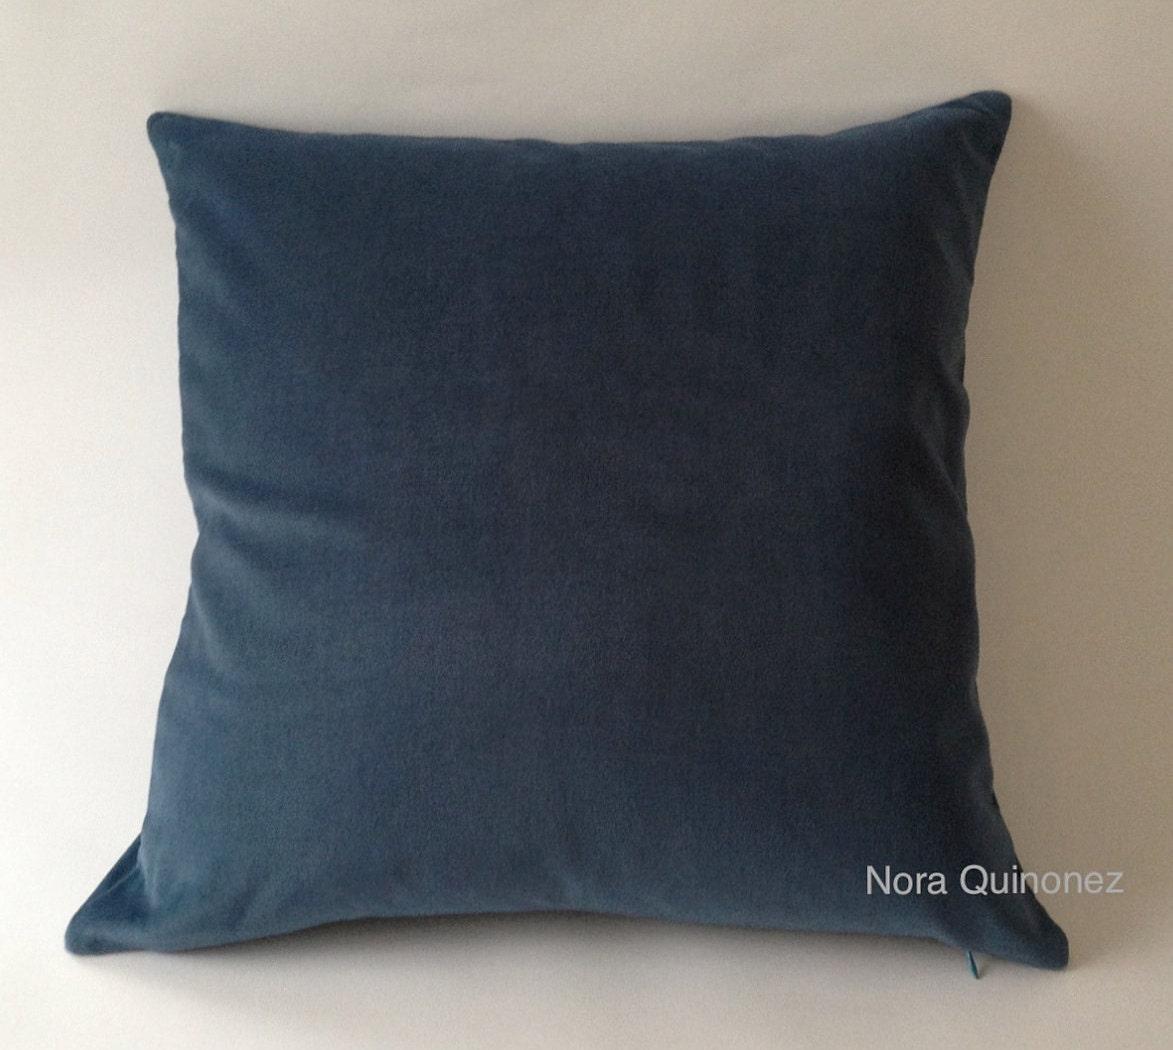 Cotton Velvet Decorative Pillows : Teal Blue Cotton Velvet Pillow Cover - Decorative Accent Throw Pillows -Invisible Zipper Closure ...